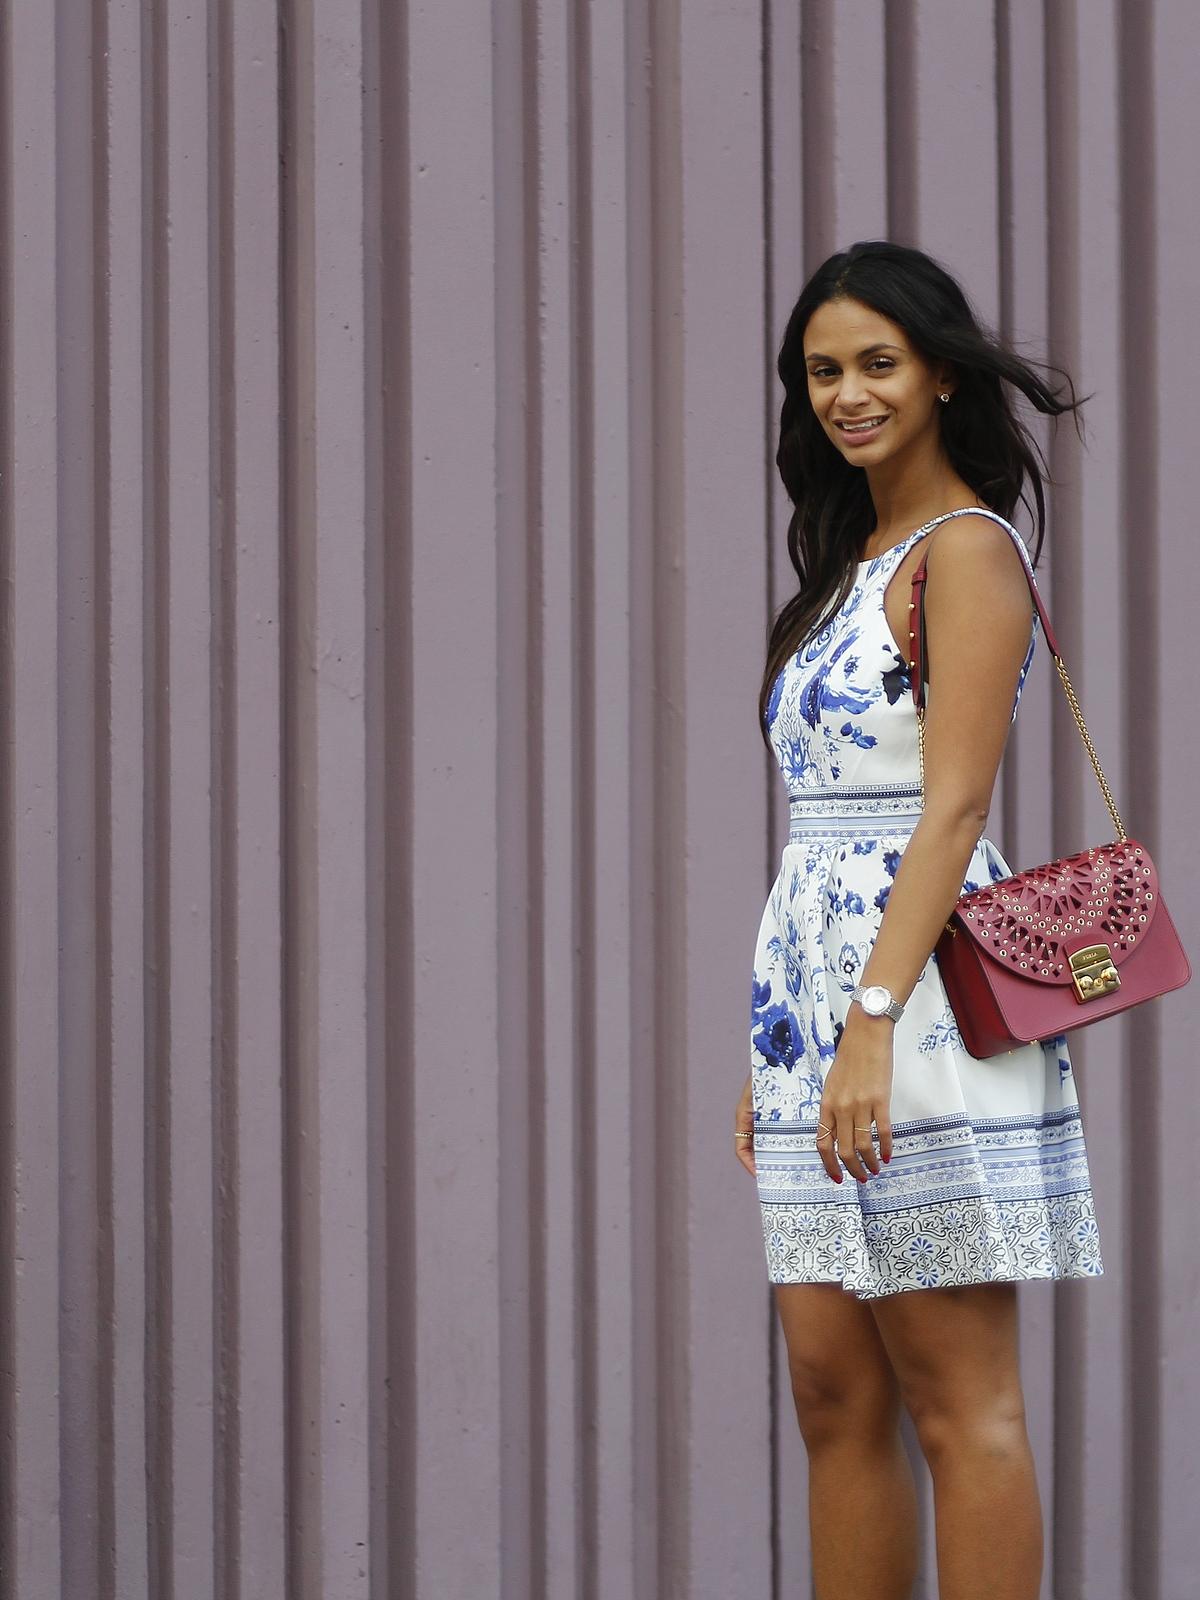 Avec Hannah X Du style, Madame ! look participatif - blog mode - mur violet beaugrenelle